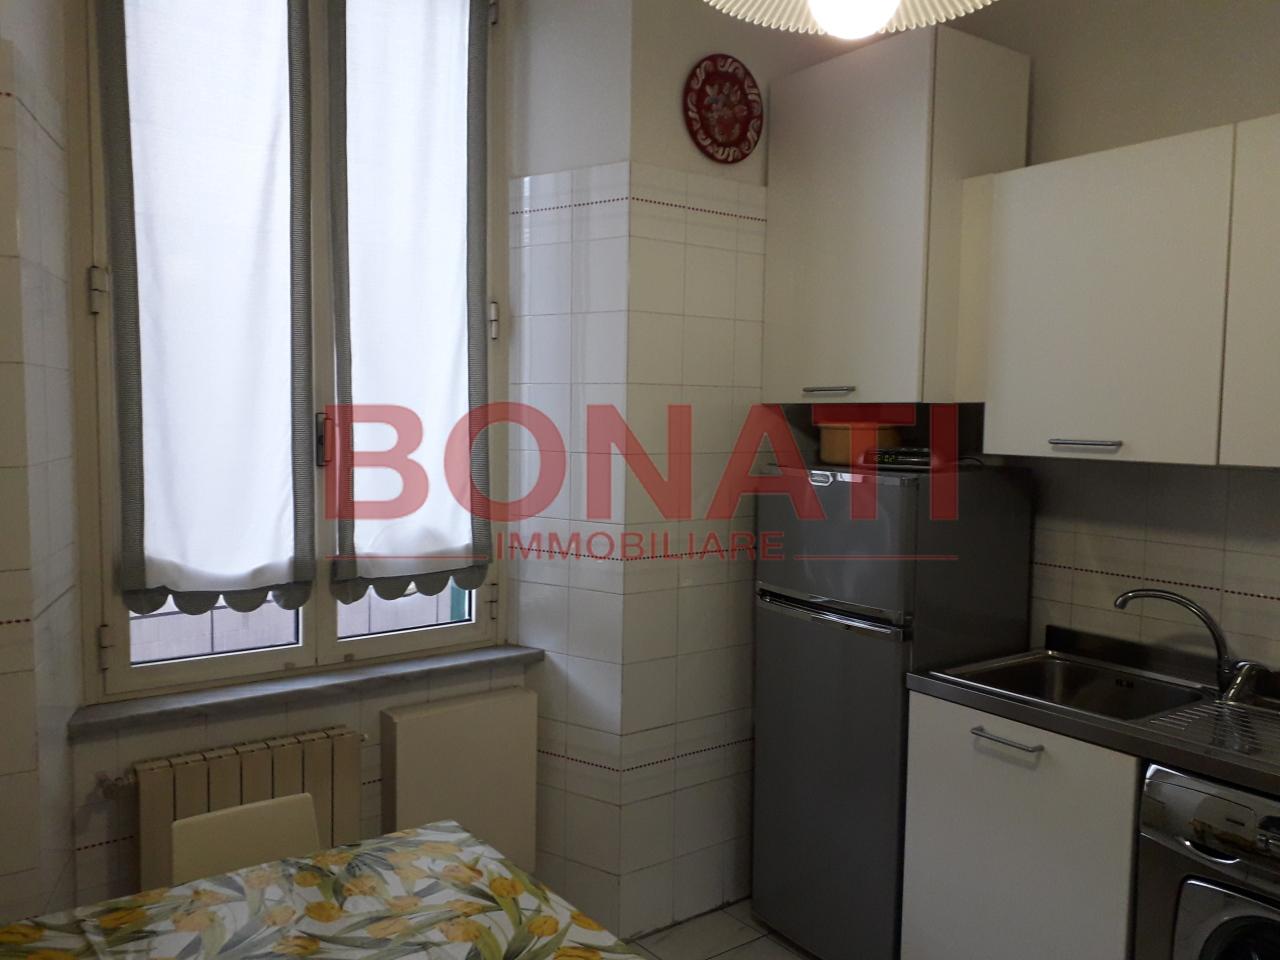 Appartamento - quadrilocale a la spezia